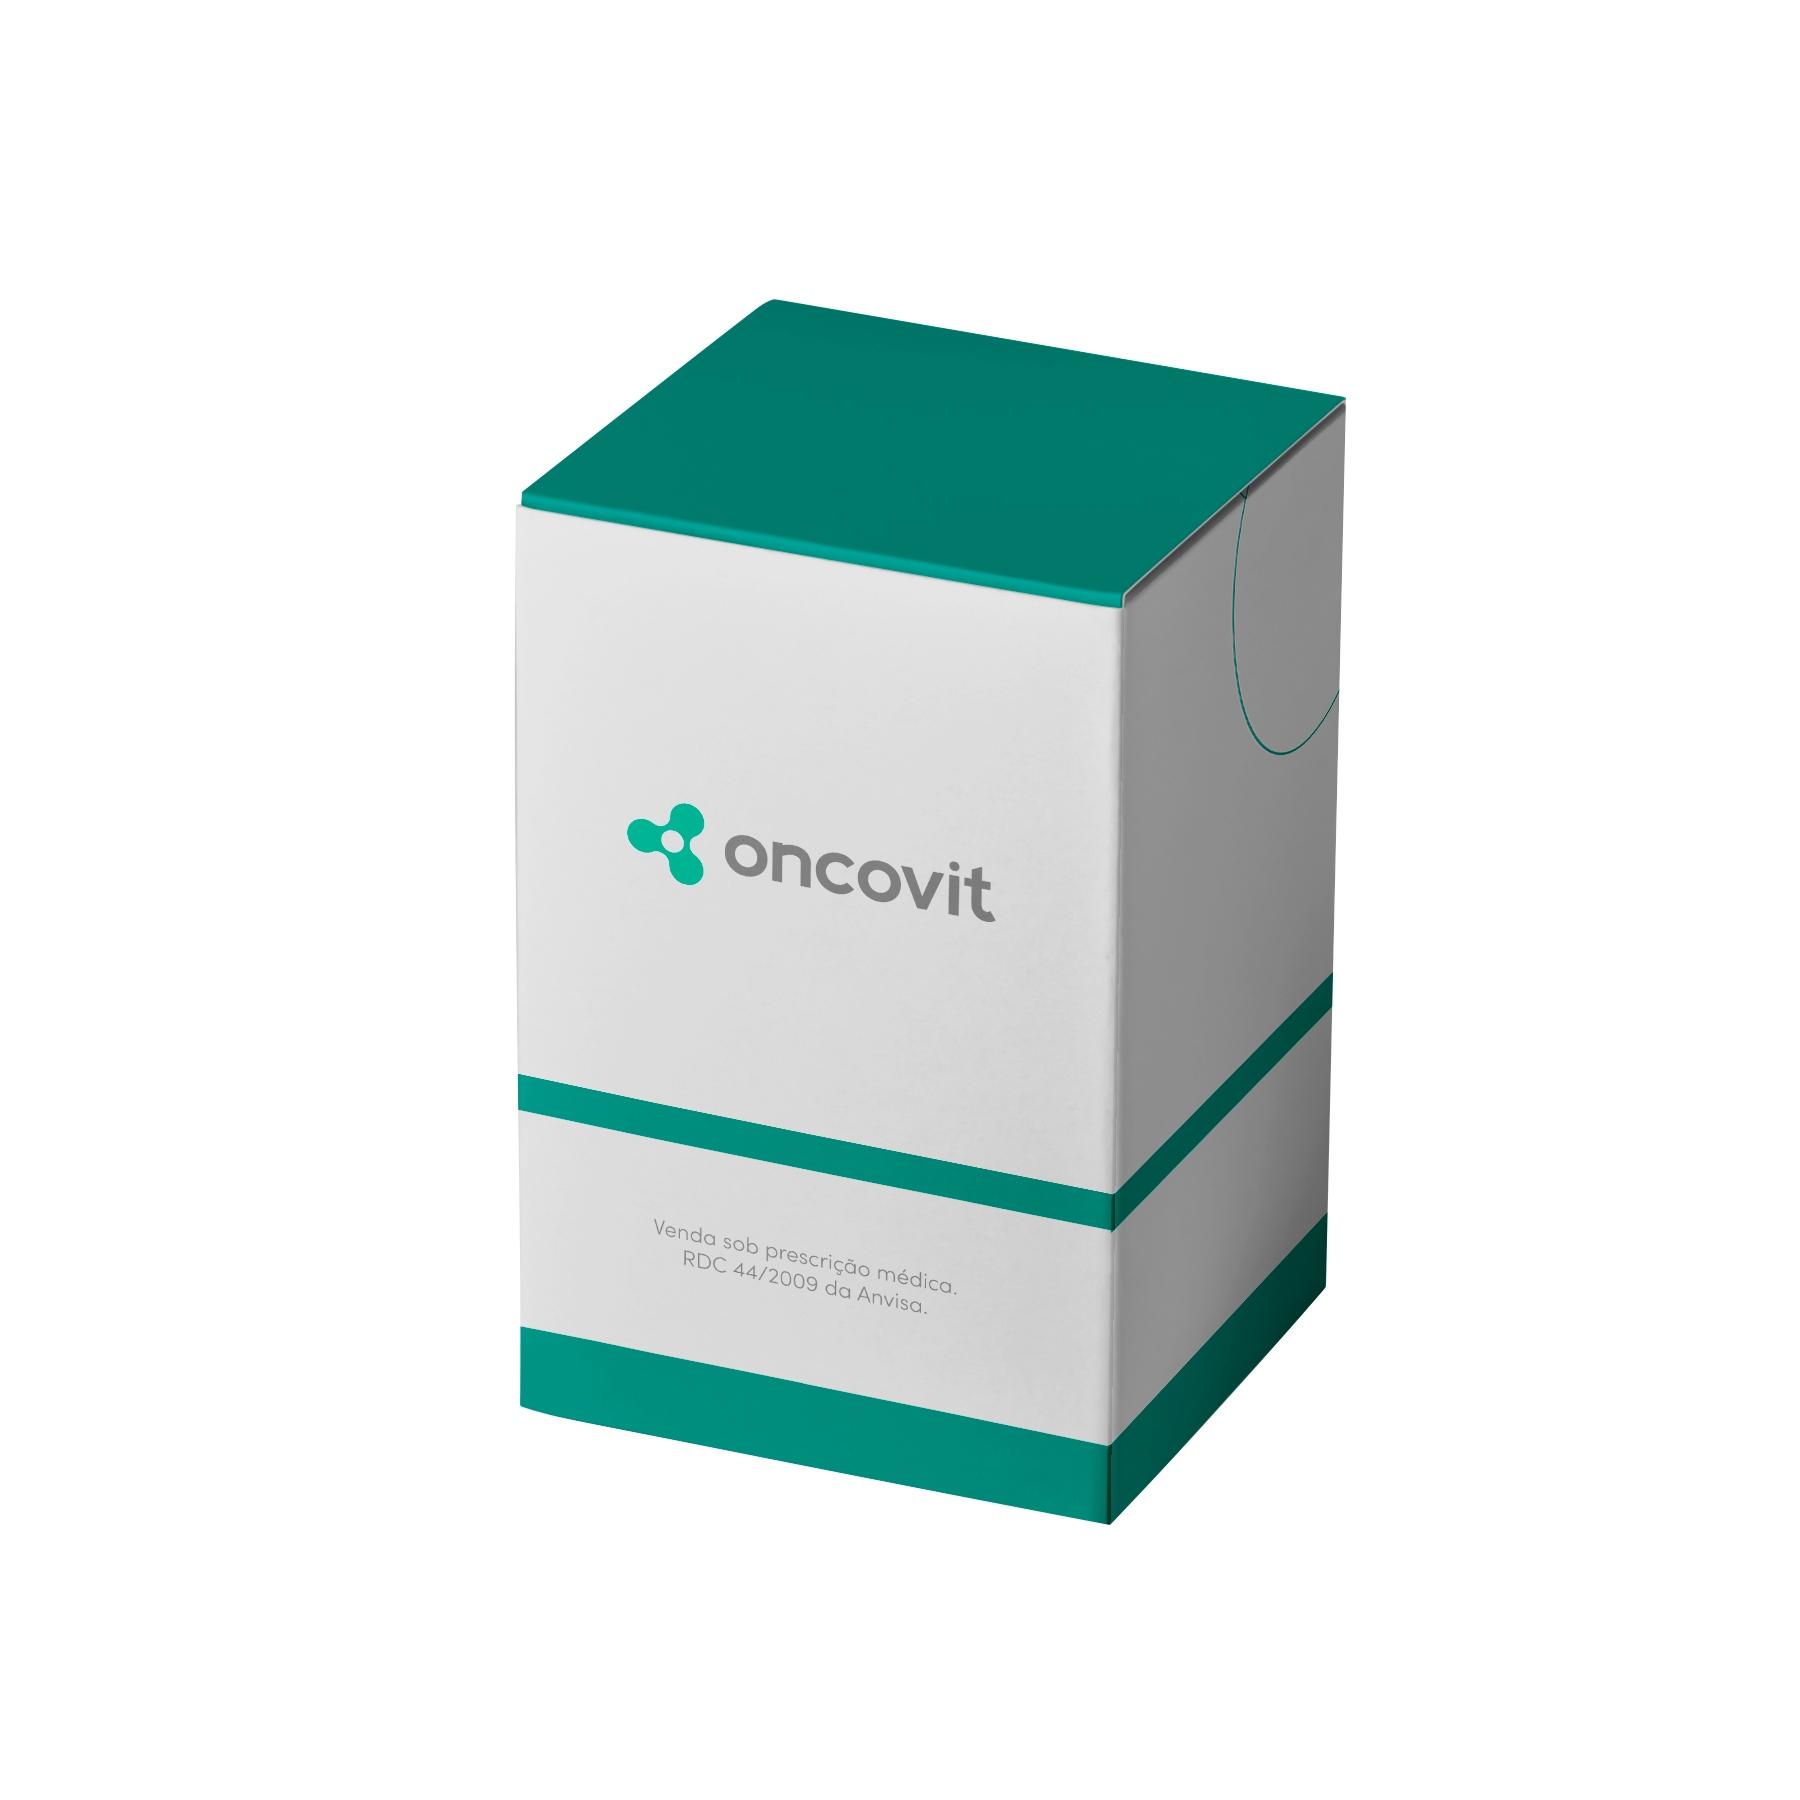 Filgrastine 300mcg/mL caixa com 1 frasco-ampola com 1mL de solução de uso intravenoso ou subcutâneo